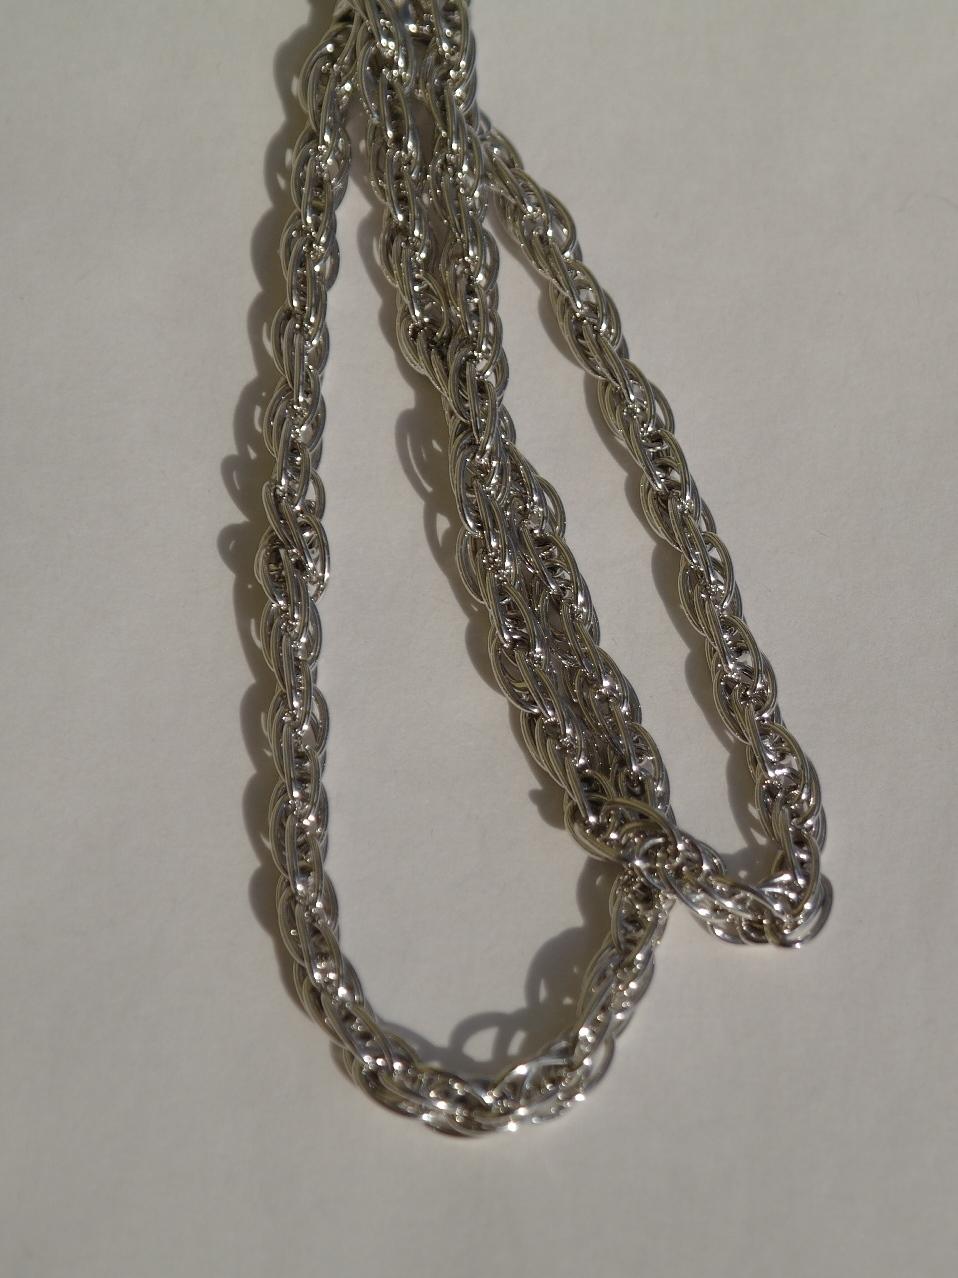 Купить Серебряные украшения,цепочка. Серебро 925 пробы. Диаметр 1,0 ... abdef27869b